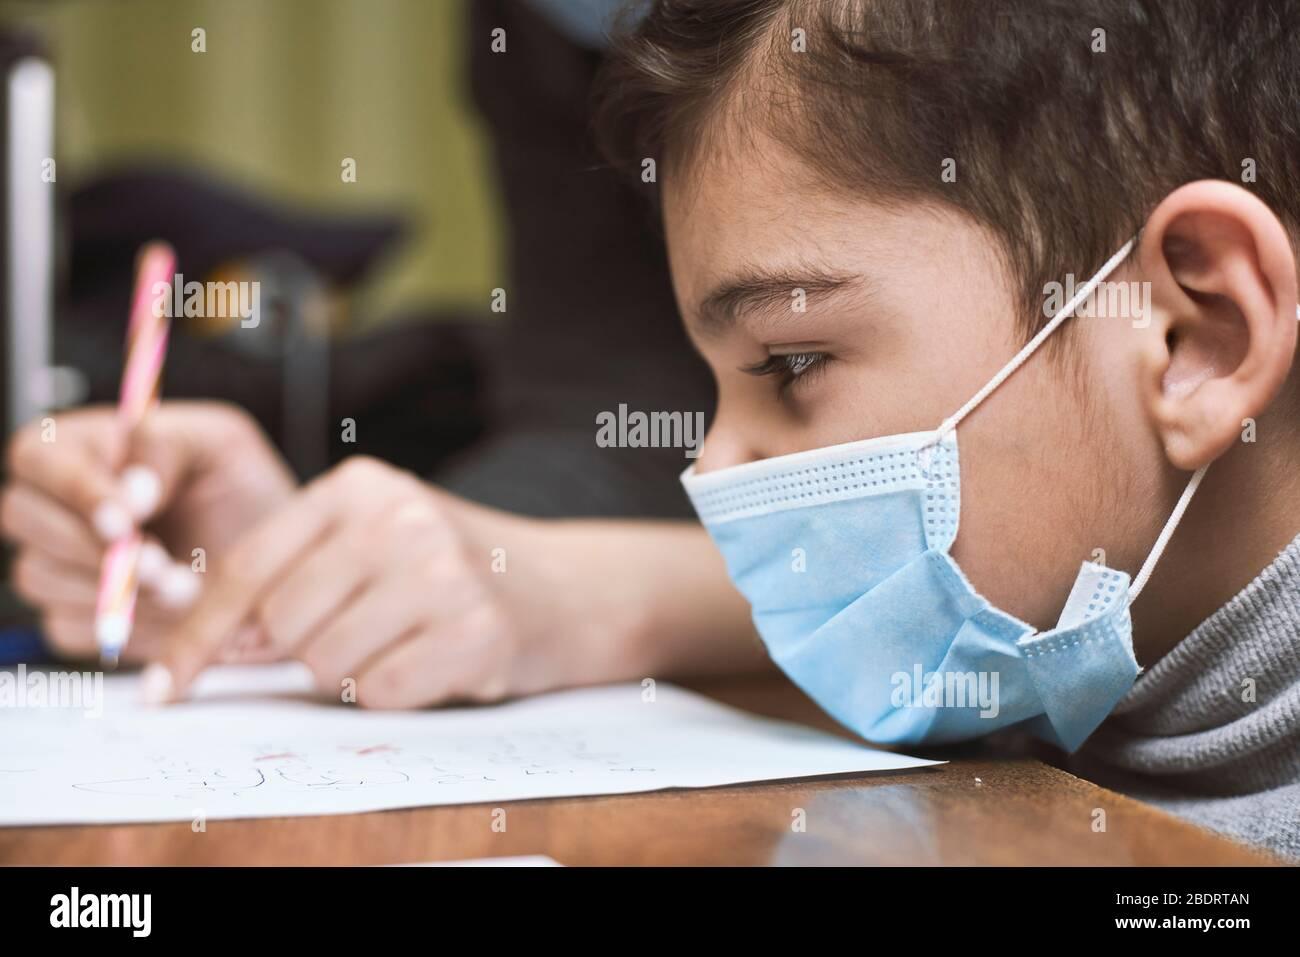 Educación a distancia. La madre ayuda al niño de preescolar a hacer lecciones. Educación en tiempo de cuarentena. Protección de los niños durante la pandemia del coronavirus Foto de stock